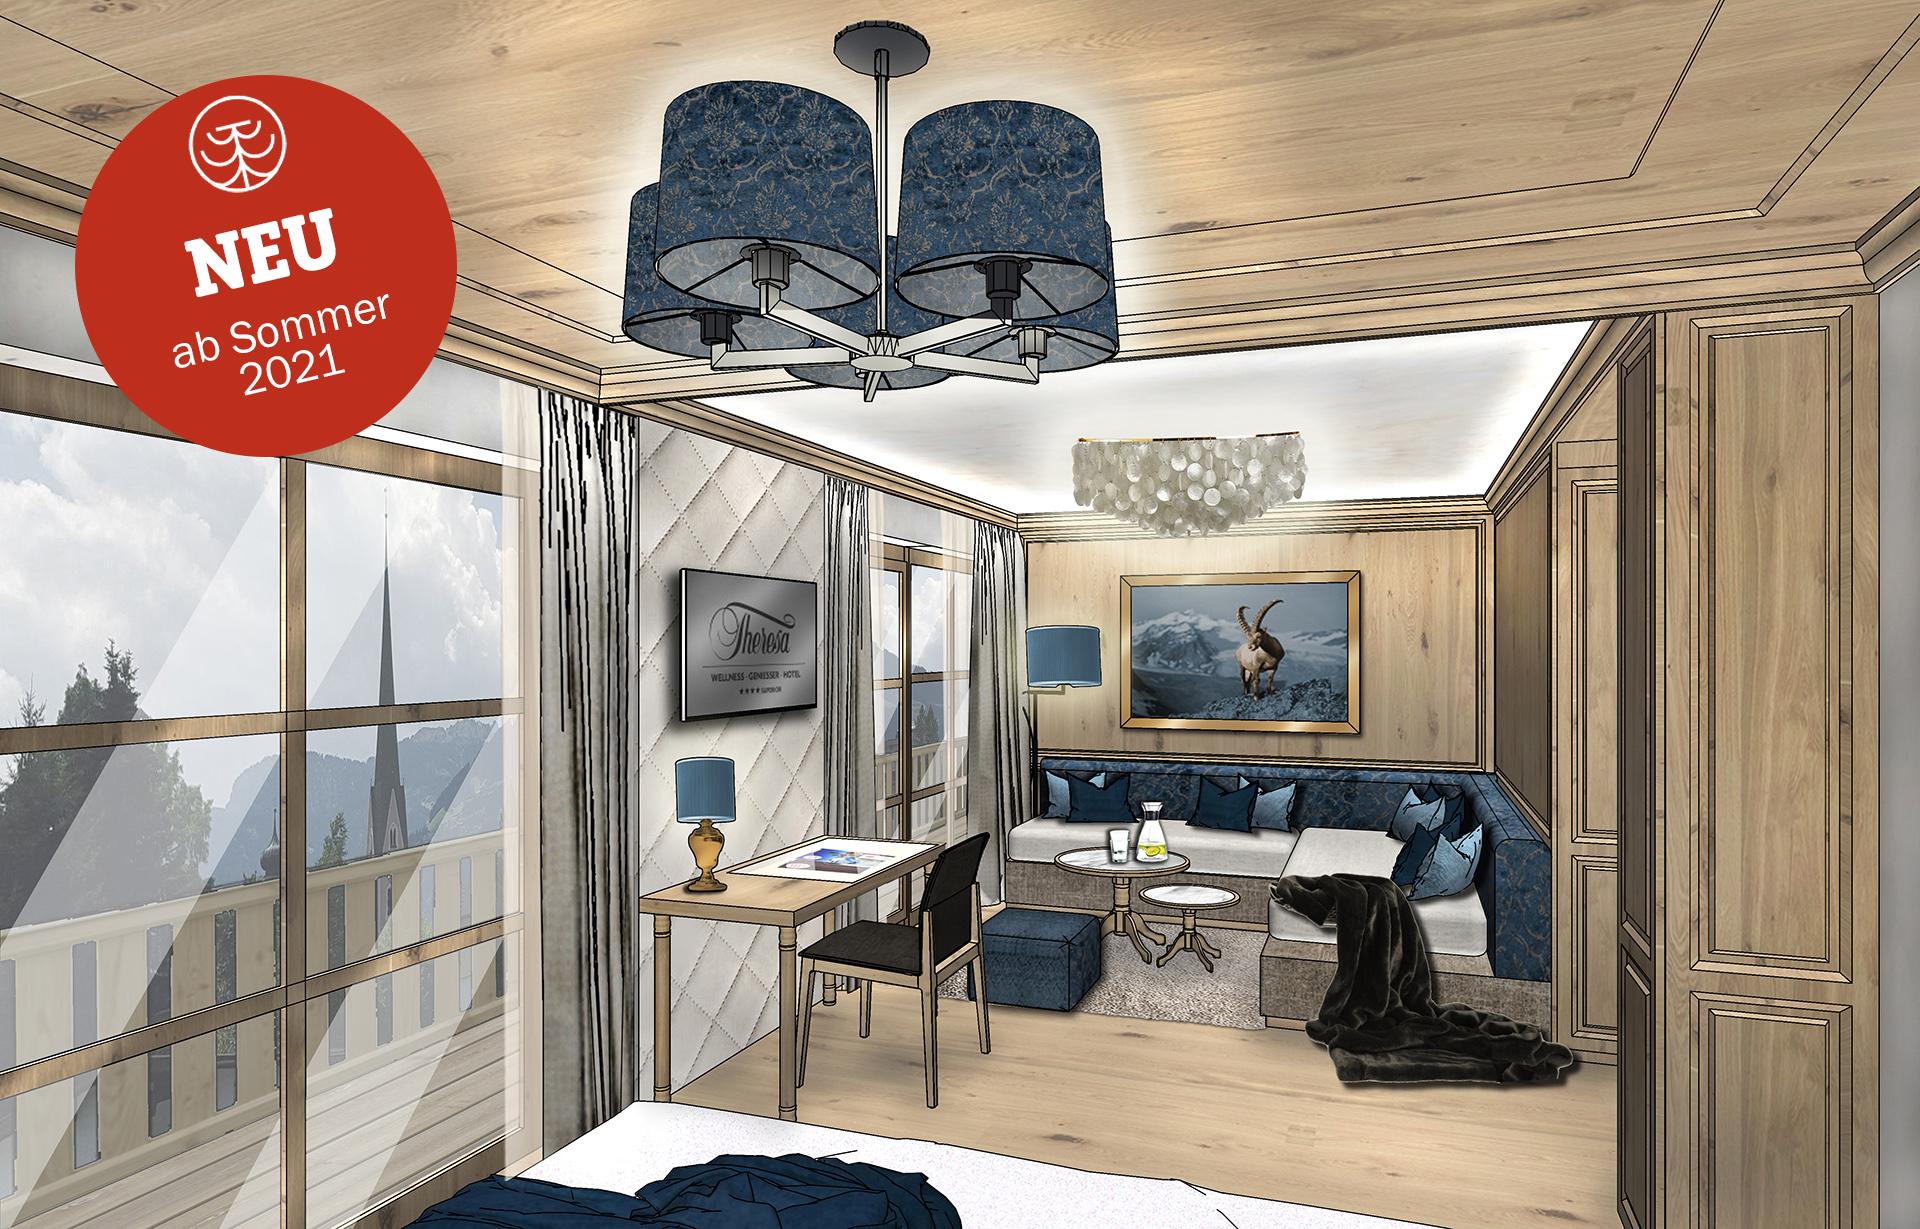 Hotel THERESA Umbau - Handwerk made in Tirol